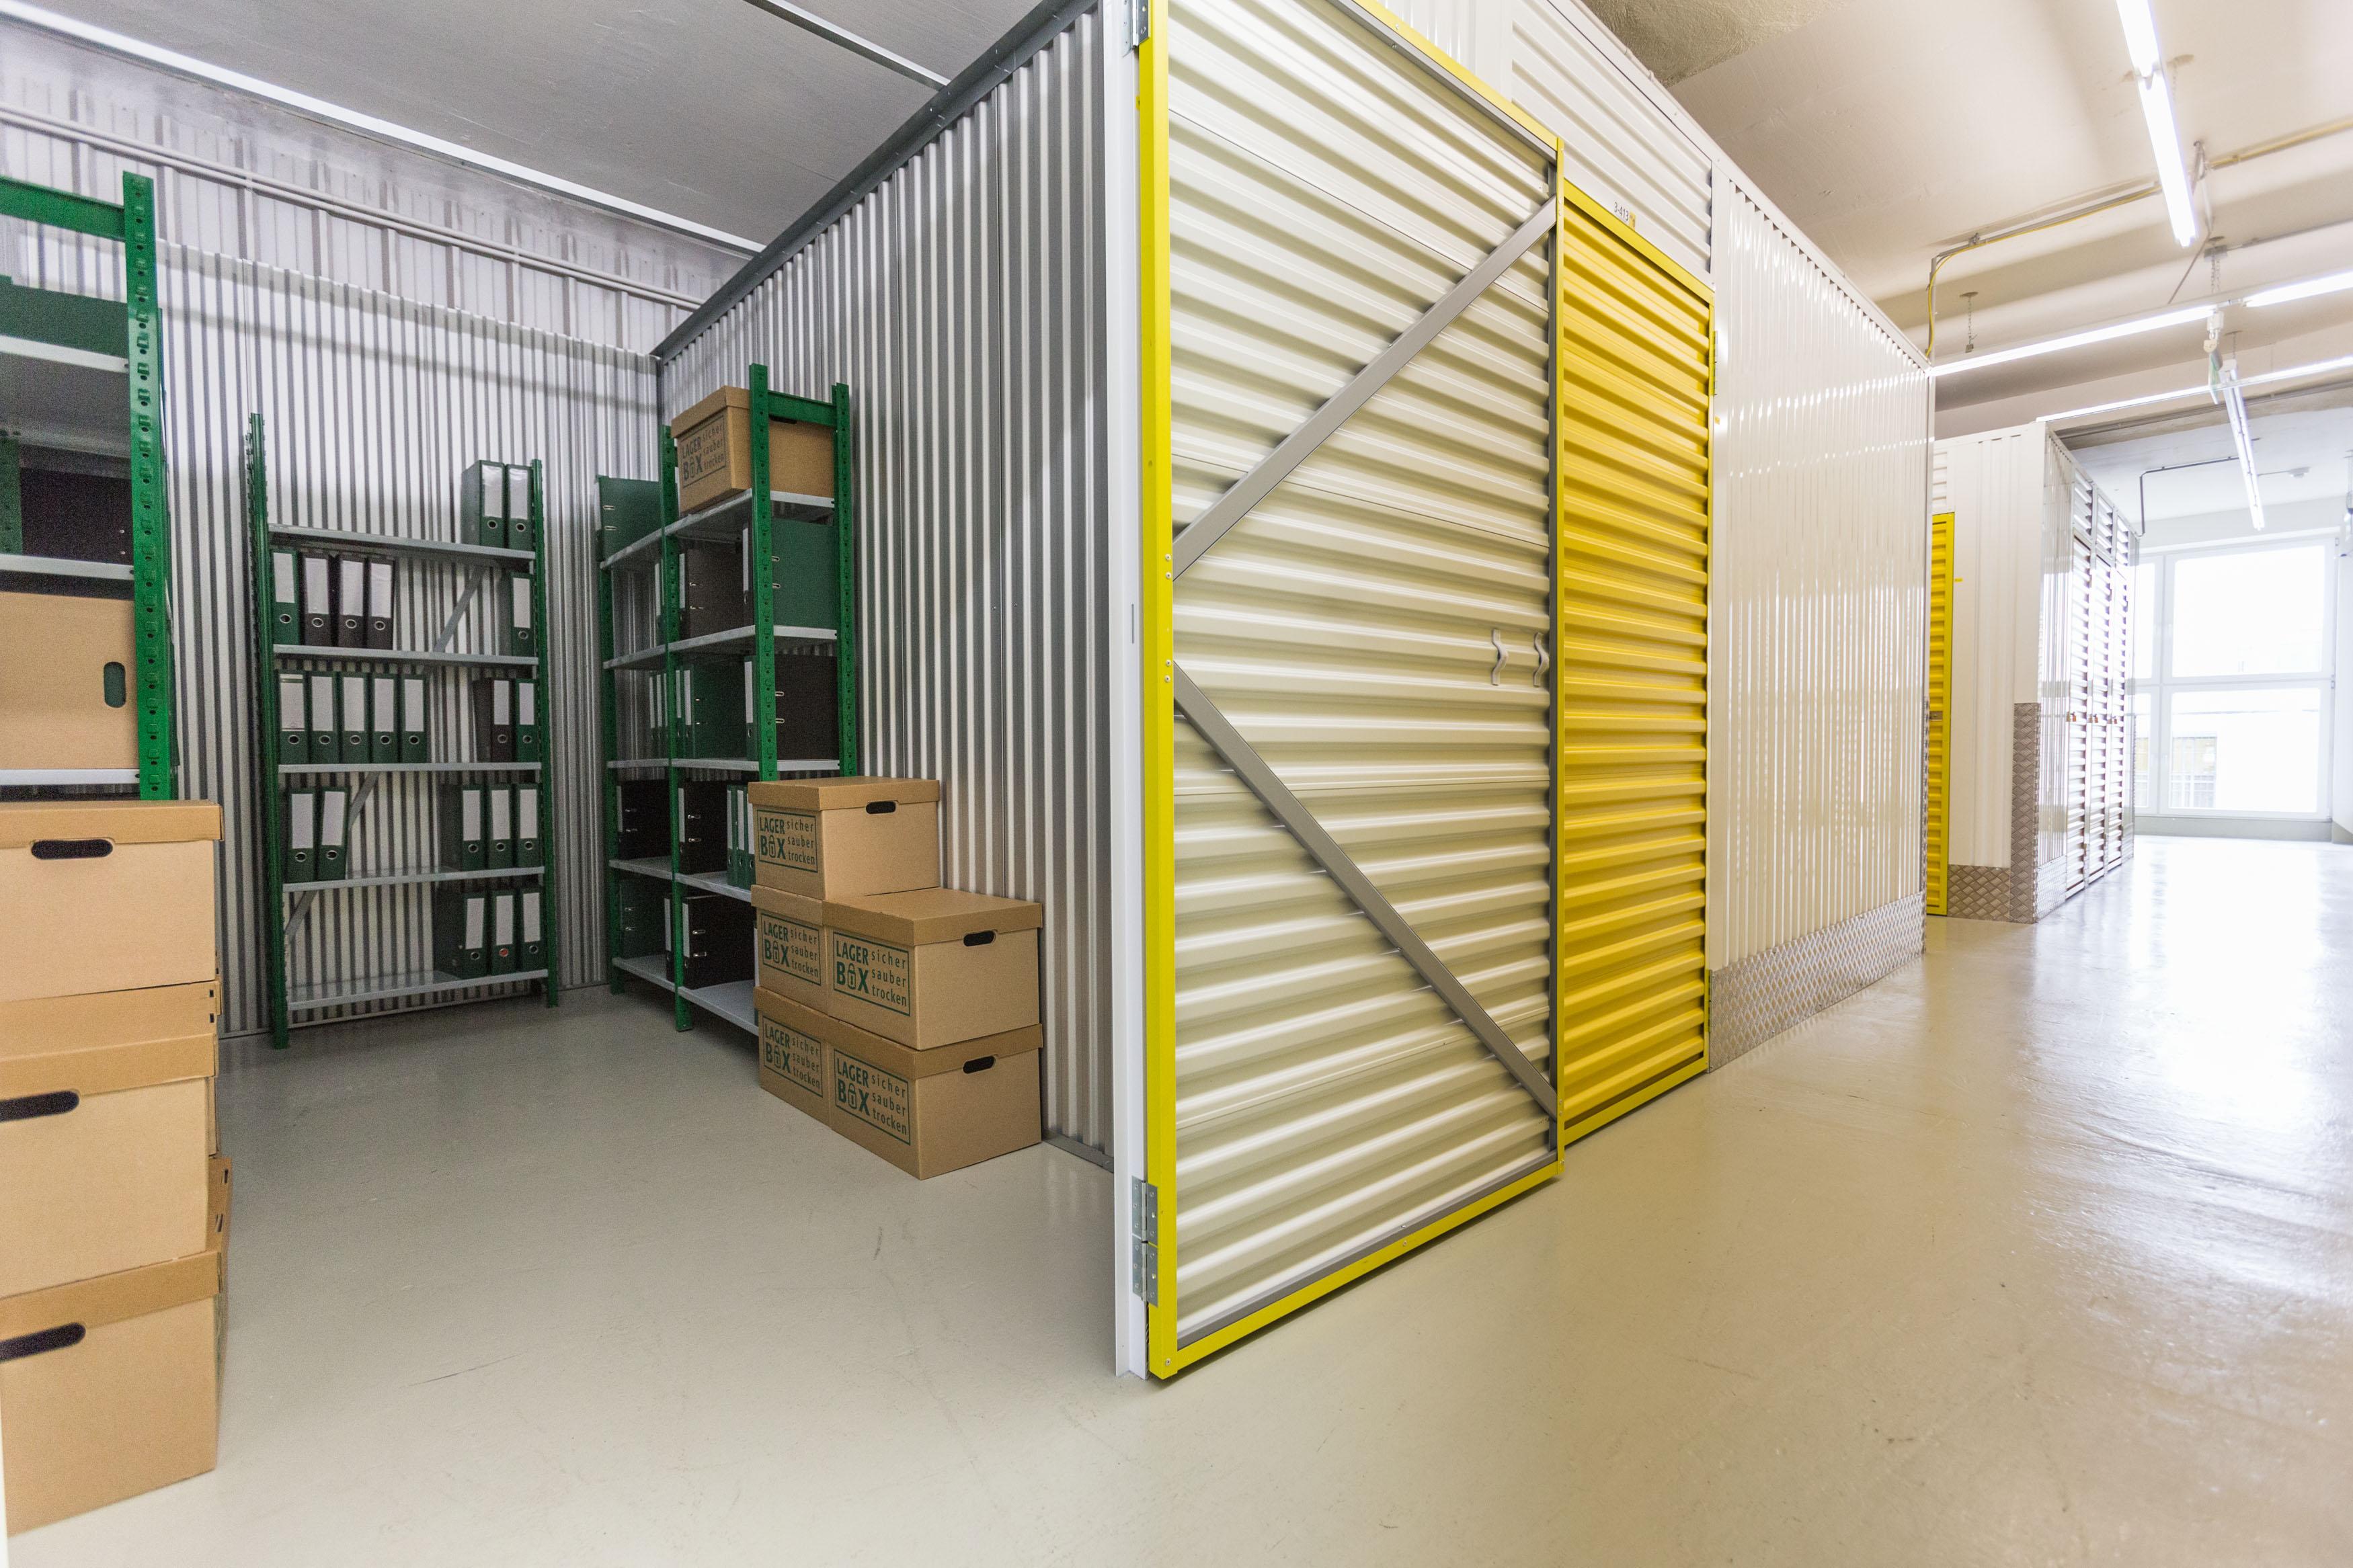 lagerbox leverkusen lagerhallen und hauptlager leverkusen deutschland tel 021432504. Black Bedroom Furniture Sets. Home Design Ideas